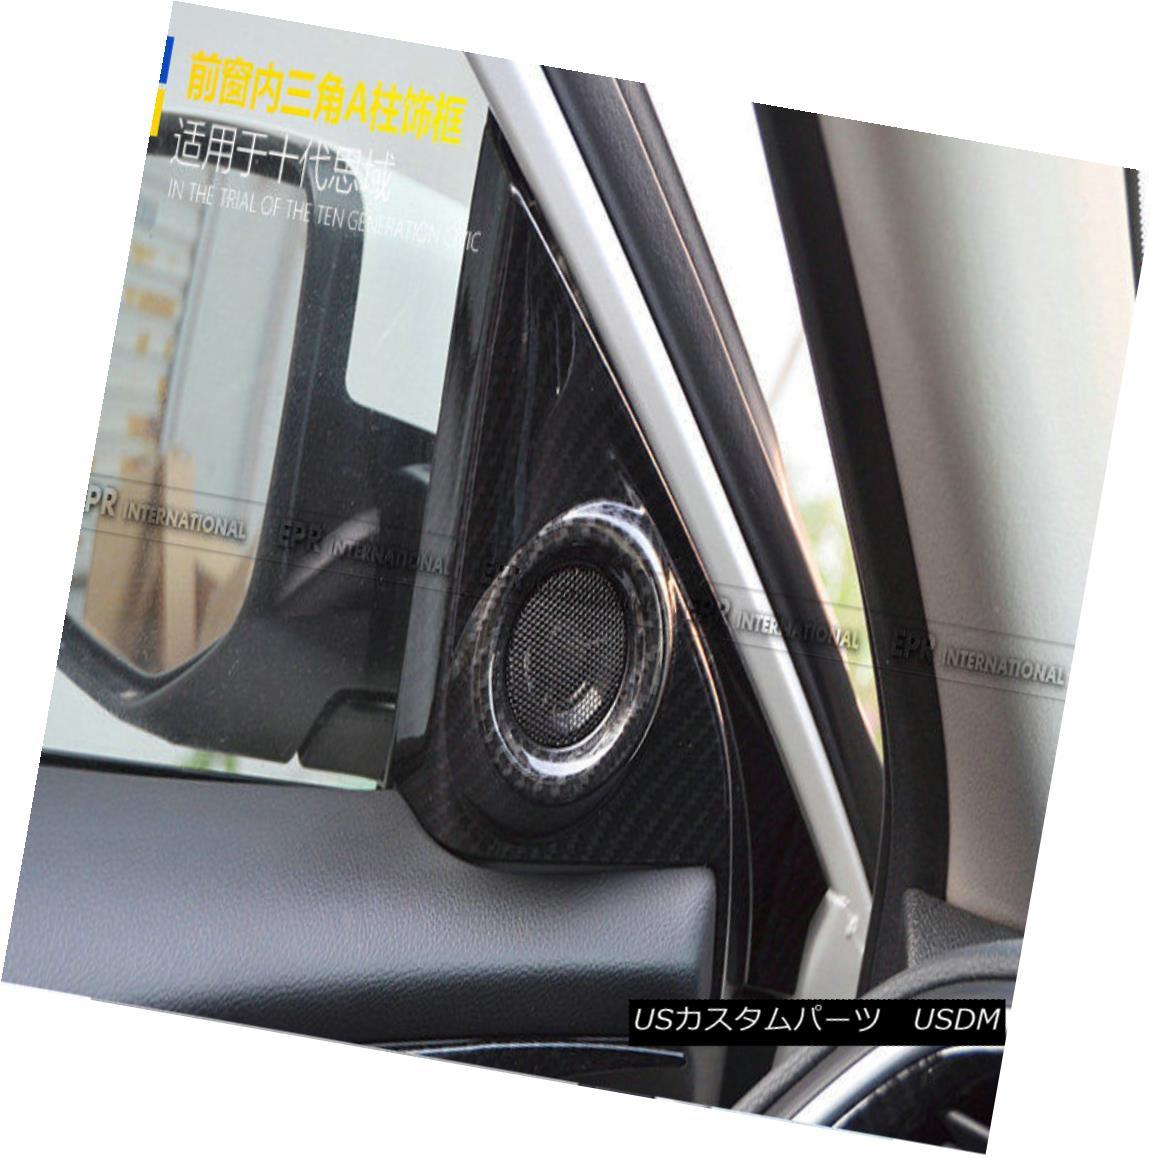 エアロパーツ For Honda 10th Generation Civic FC Carbon Fiber A-pillar Speaker Trim 2Pcs LHD ホンダの第10世代Civic FC炭素繊維Aピラースピーカートリム2本用LHD